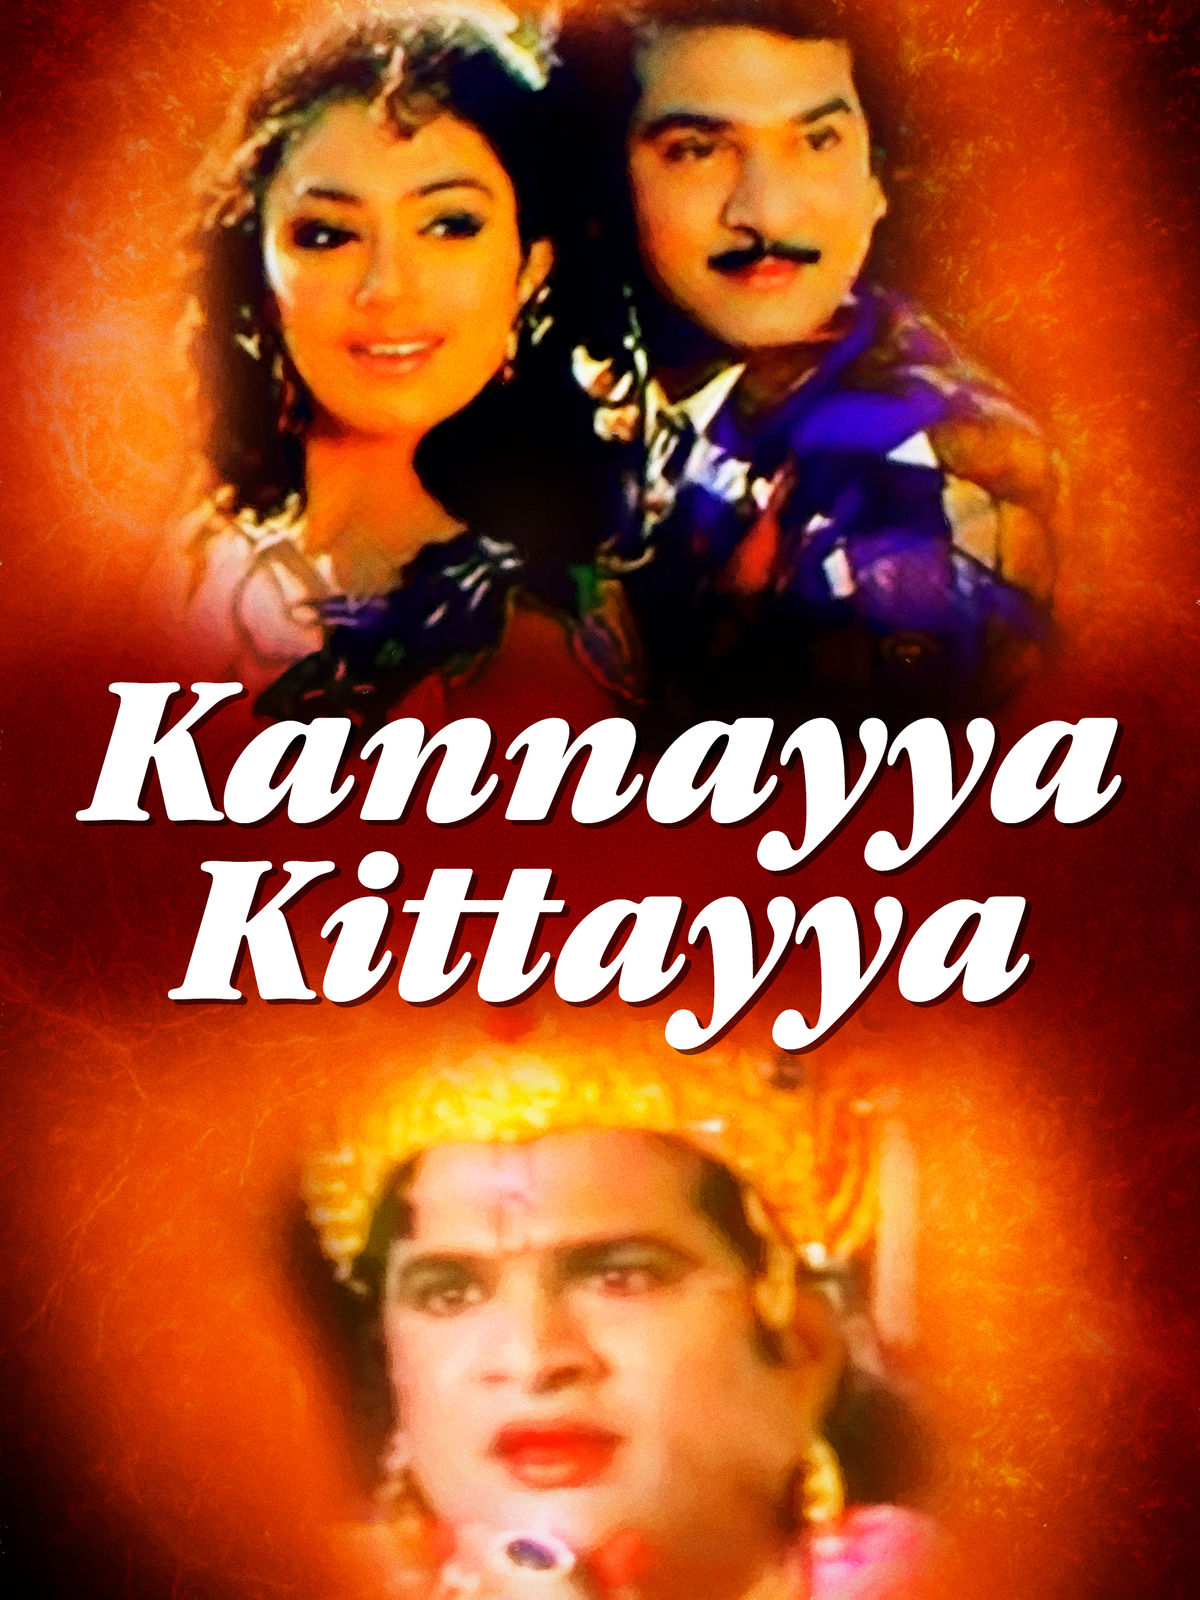 Kannayya Kittayya